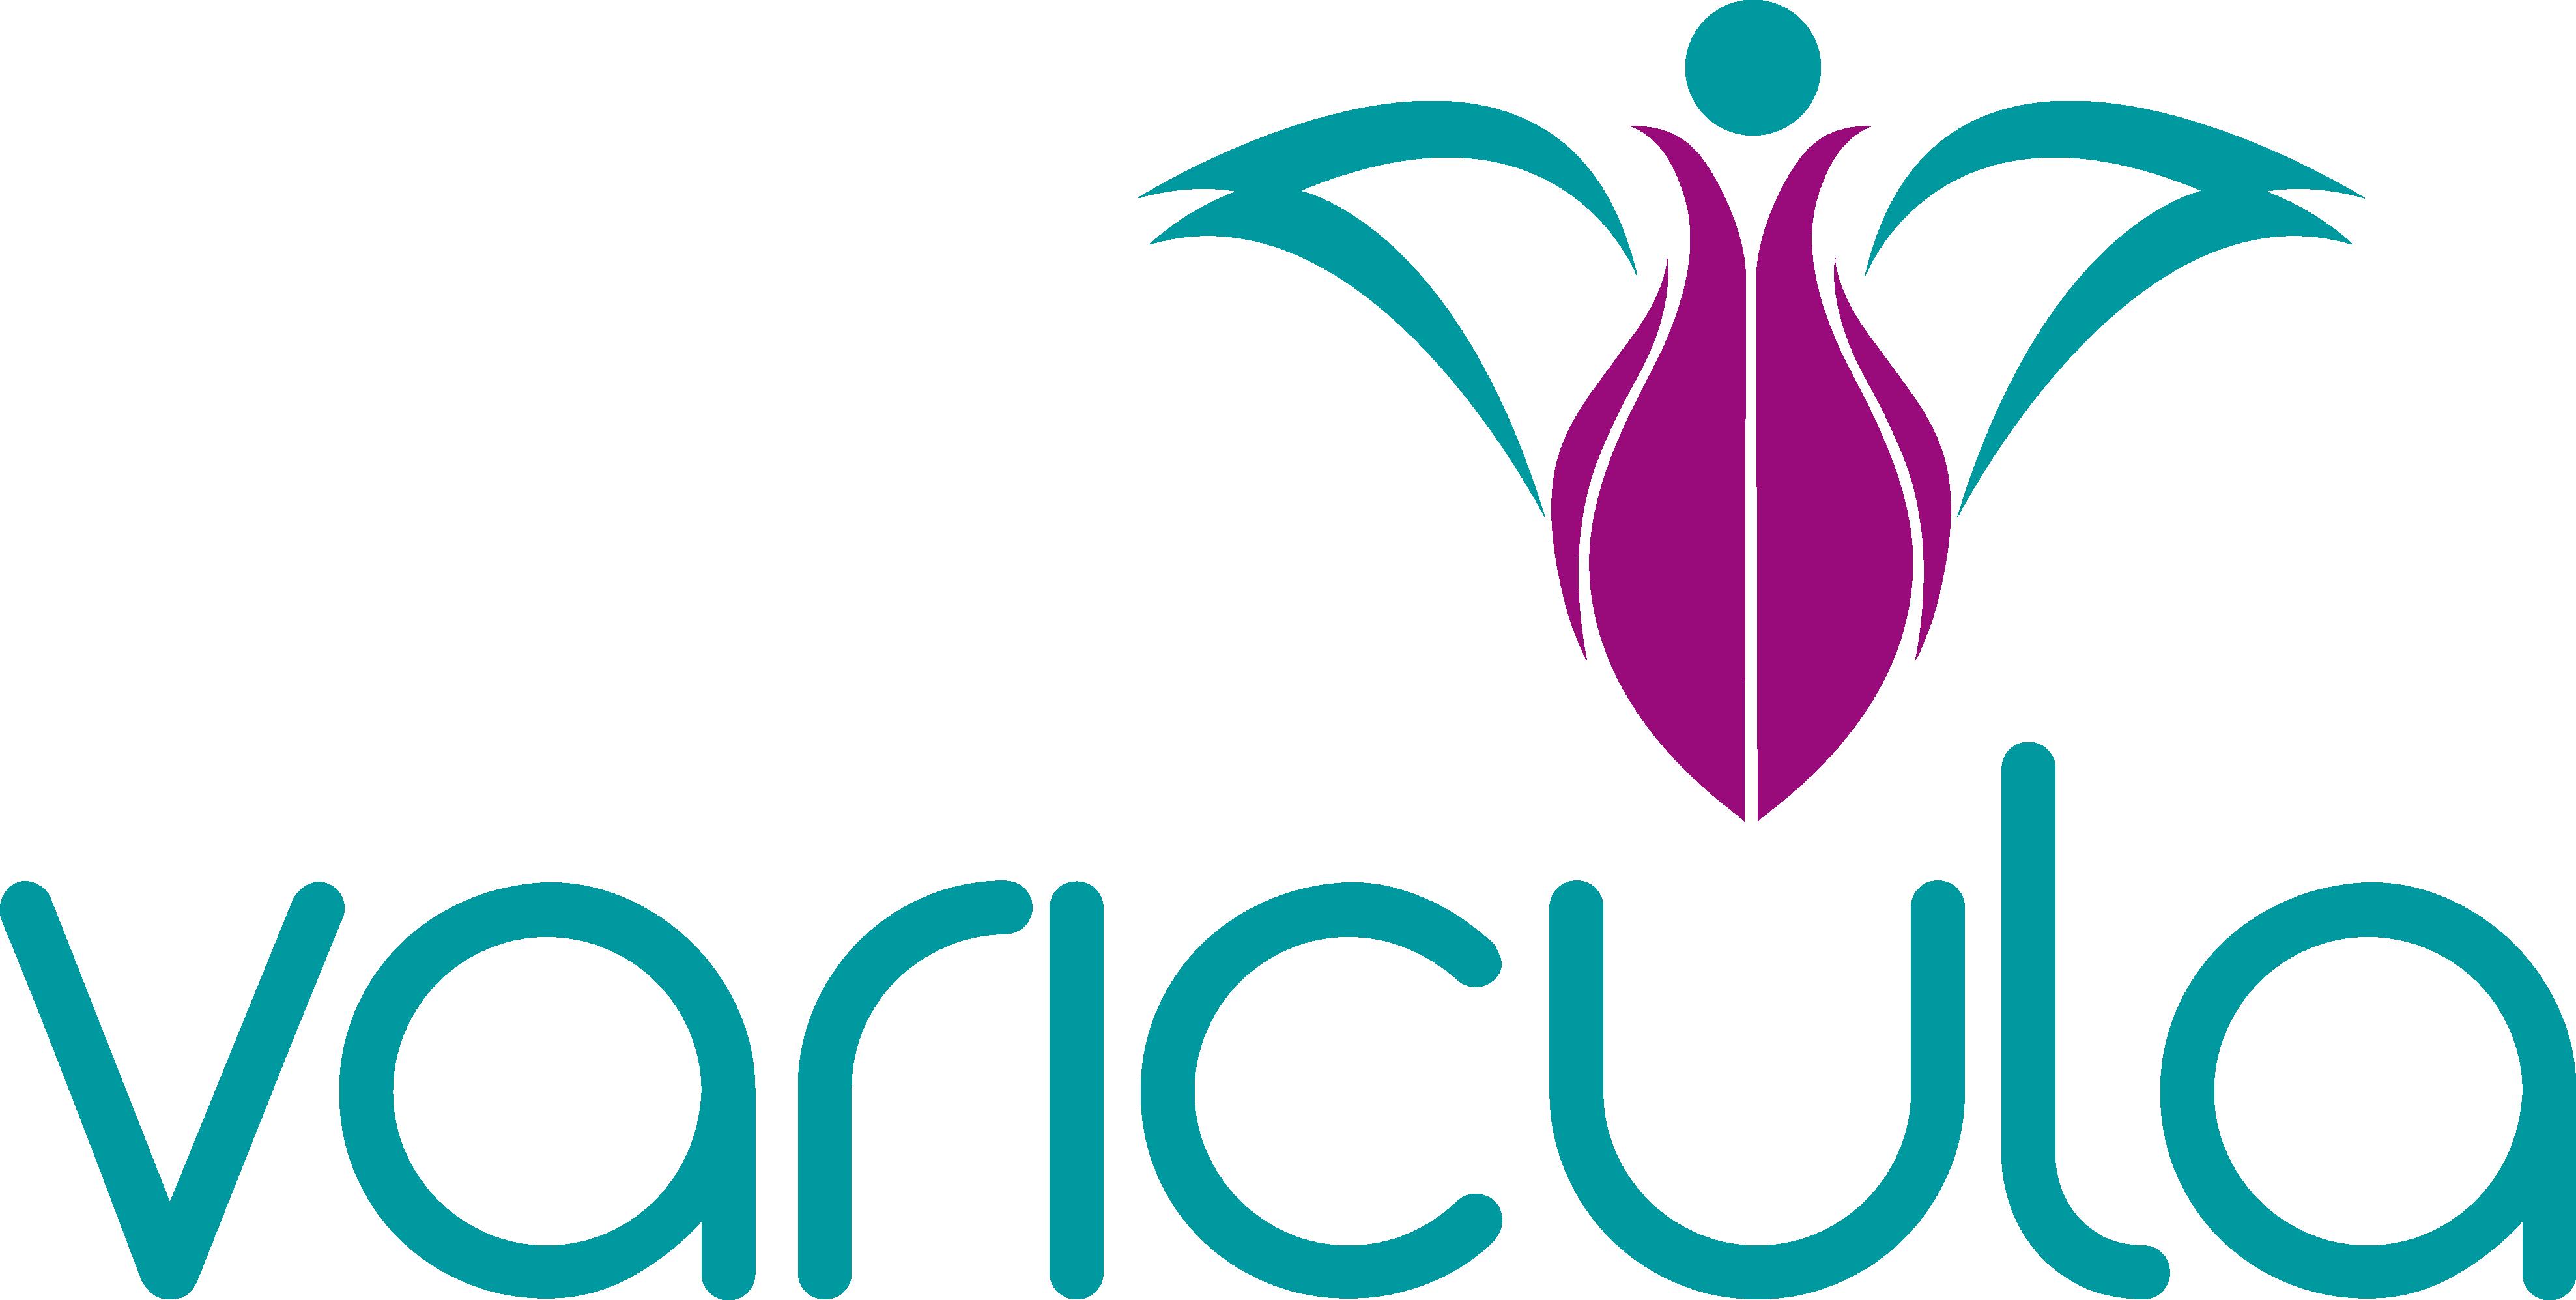 Varicula Biotec GmbH